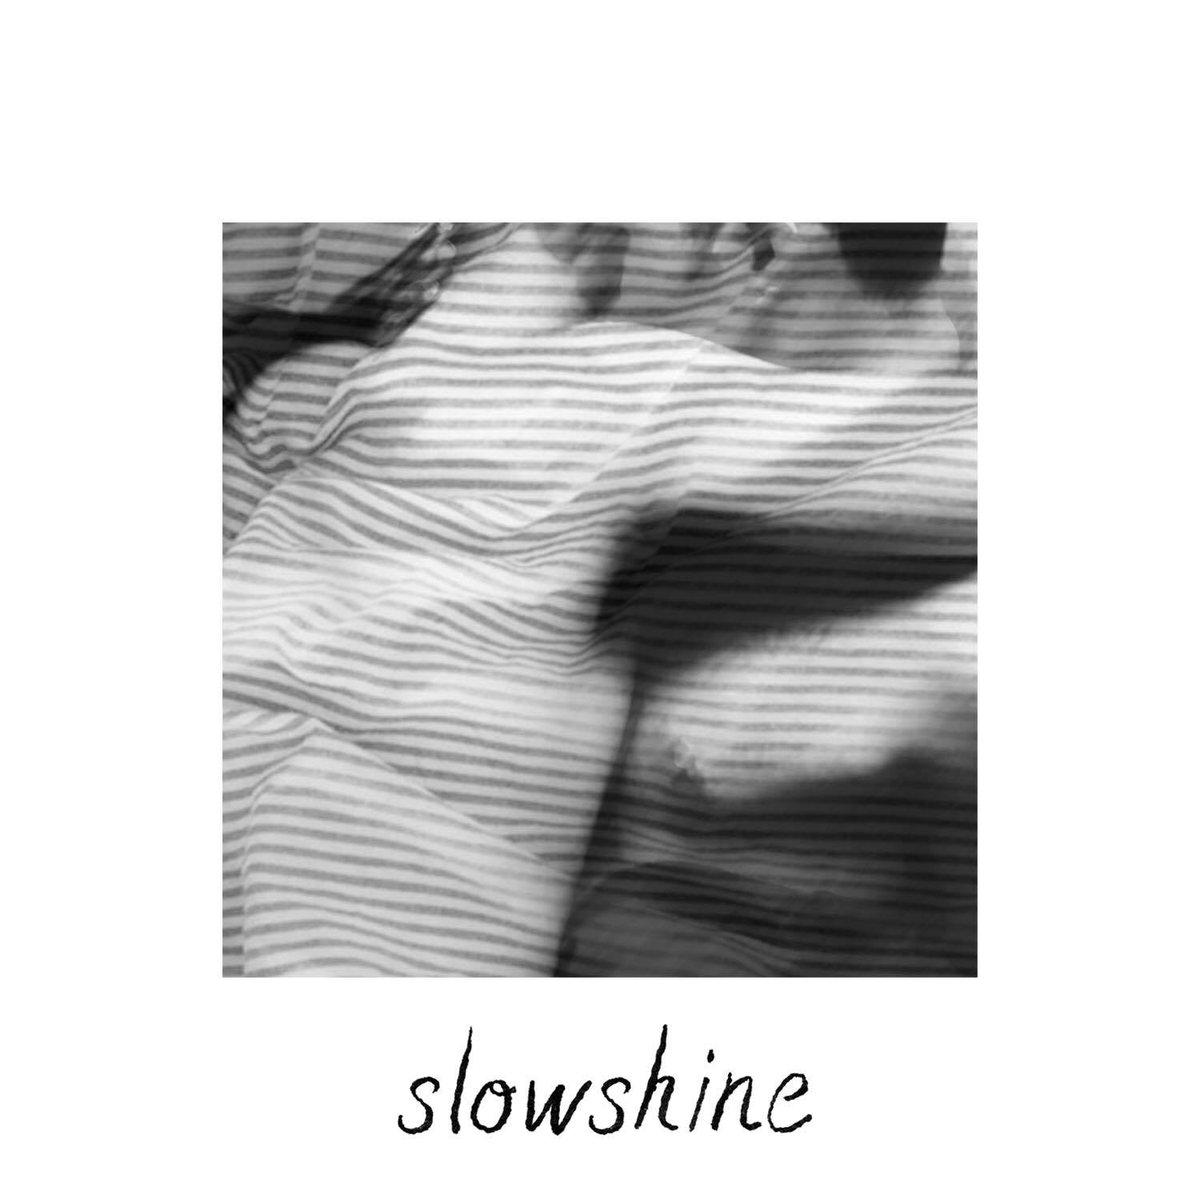 slowshine